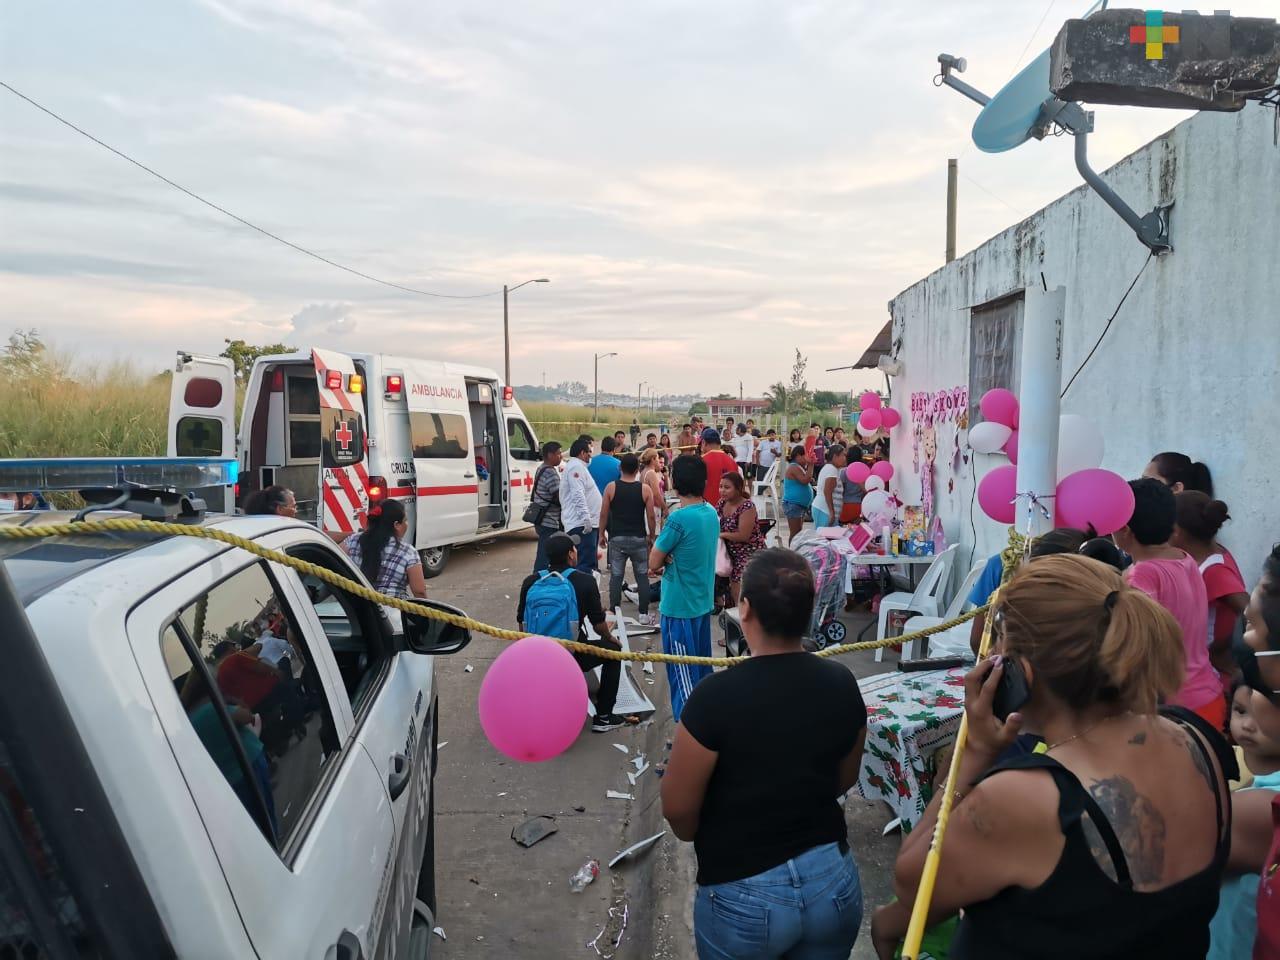 Atropellan a personas que festejaban en calle de Coatzacoalcos